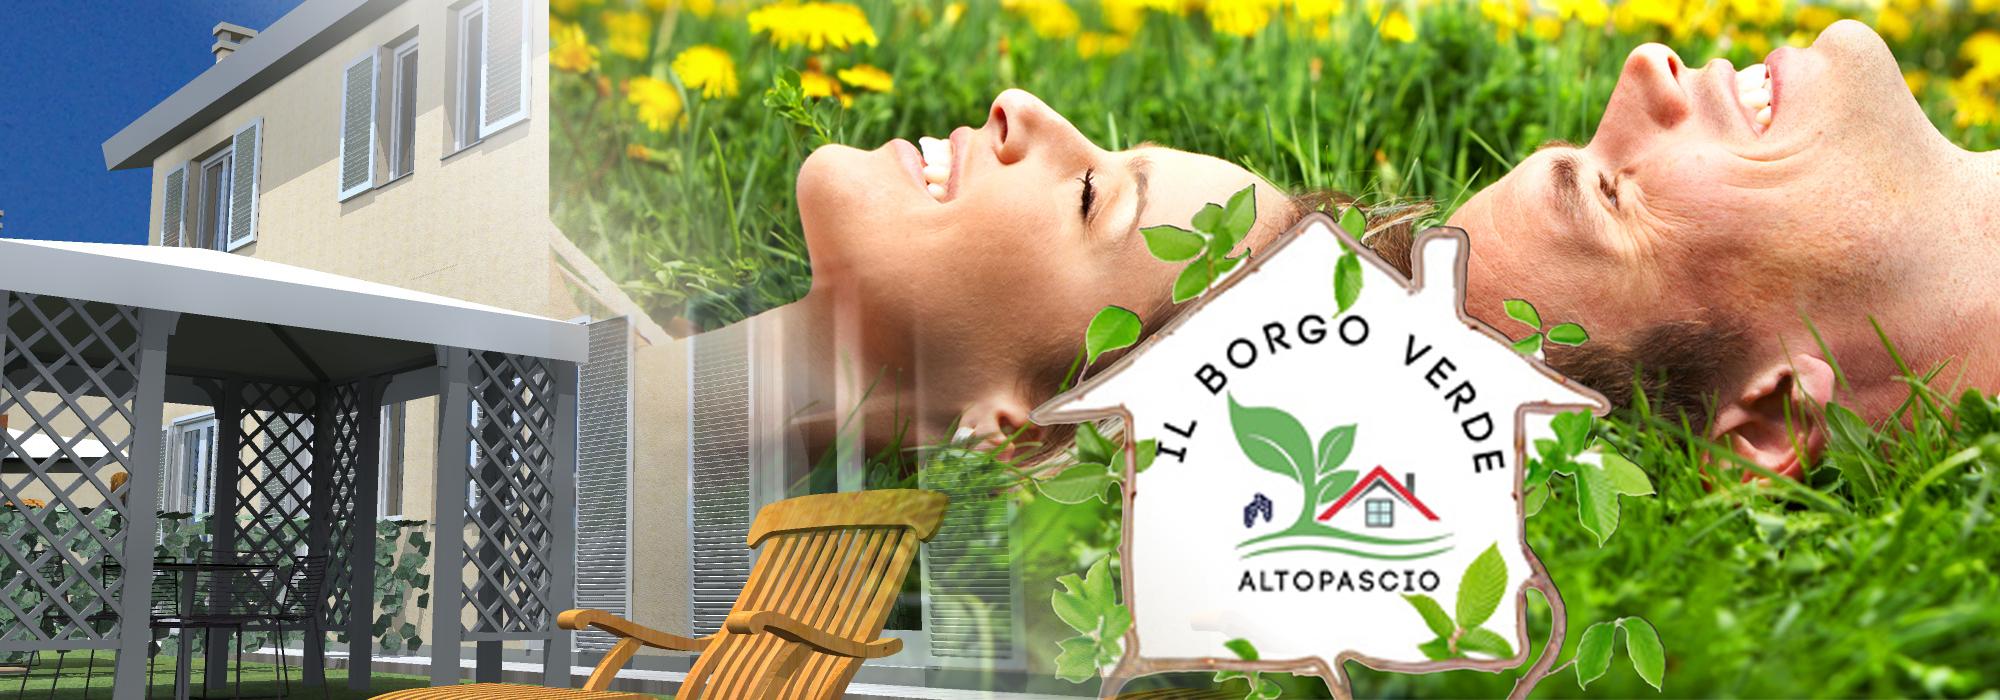 Complesso residenziale Il Borgo Verde